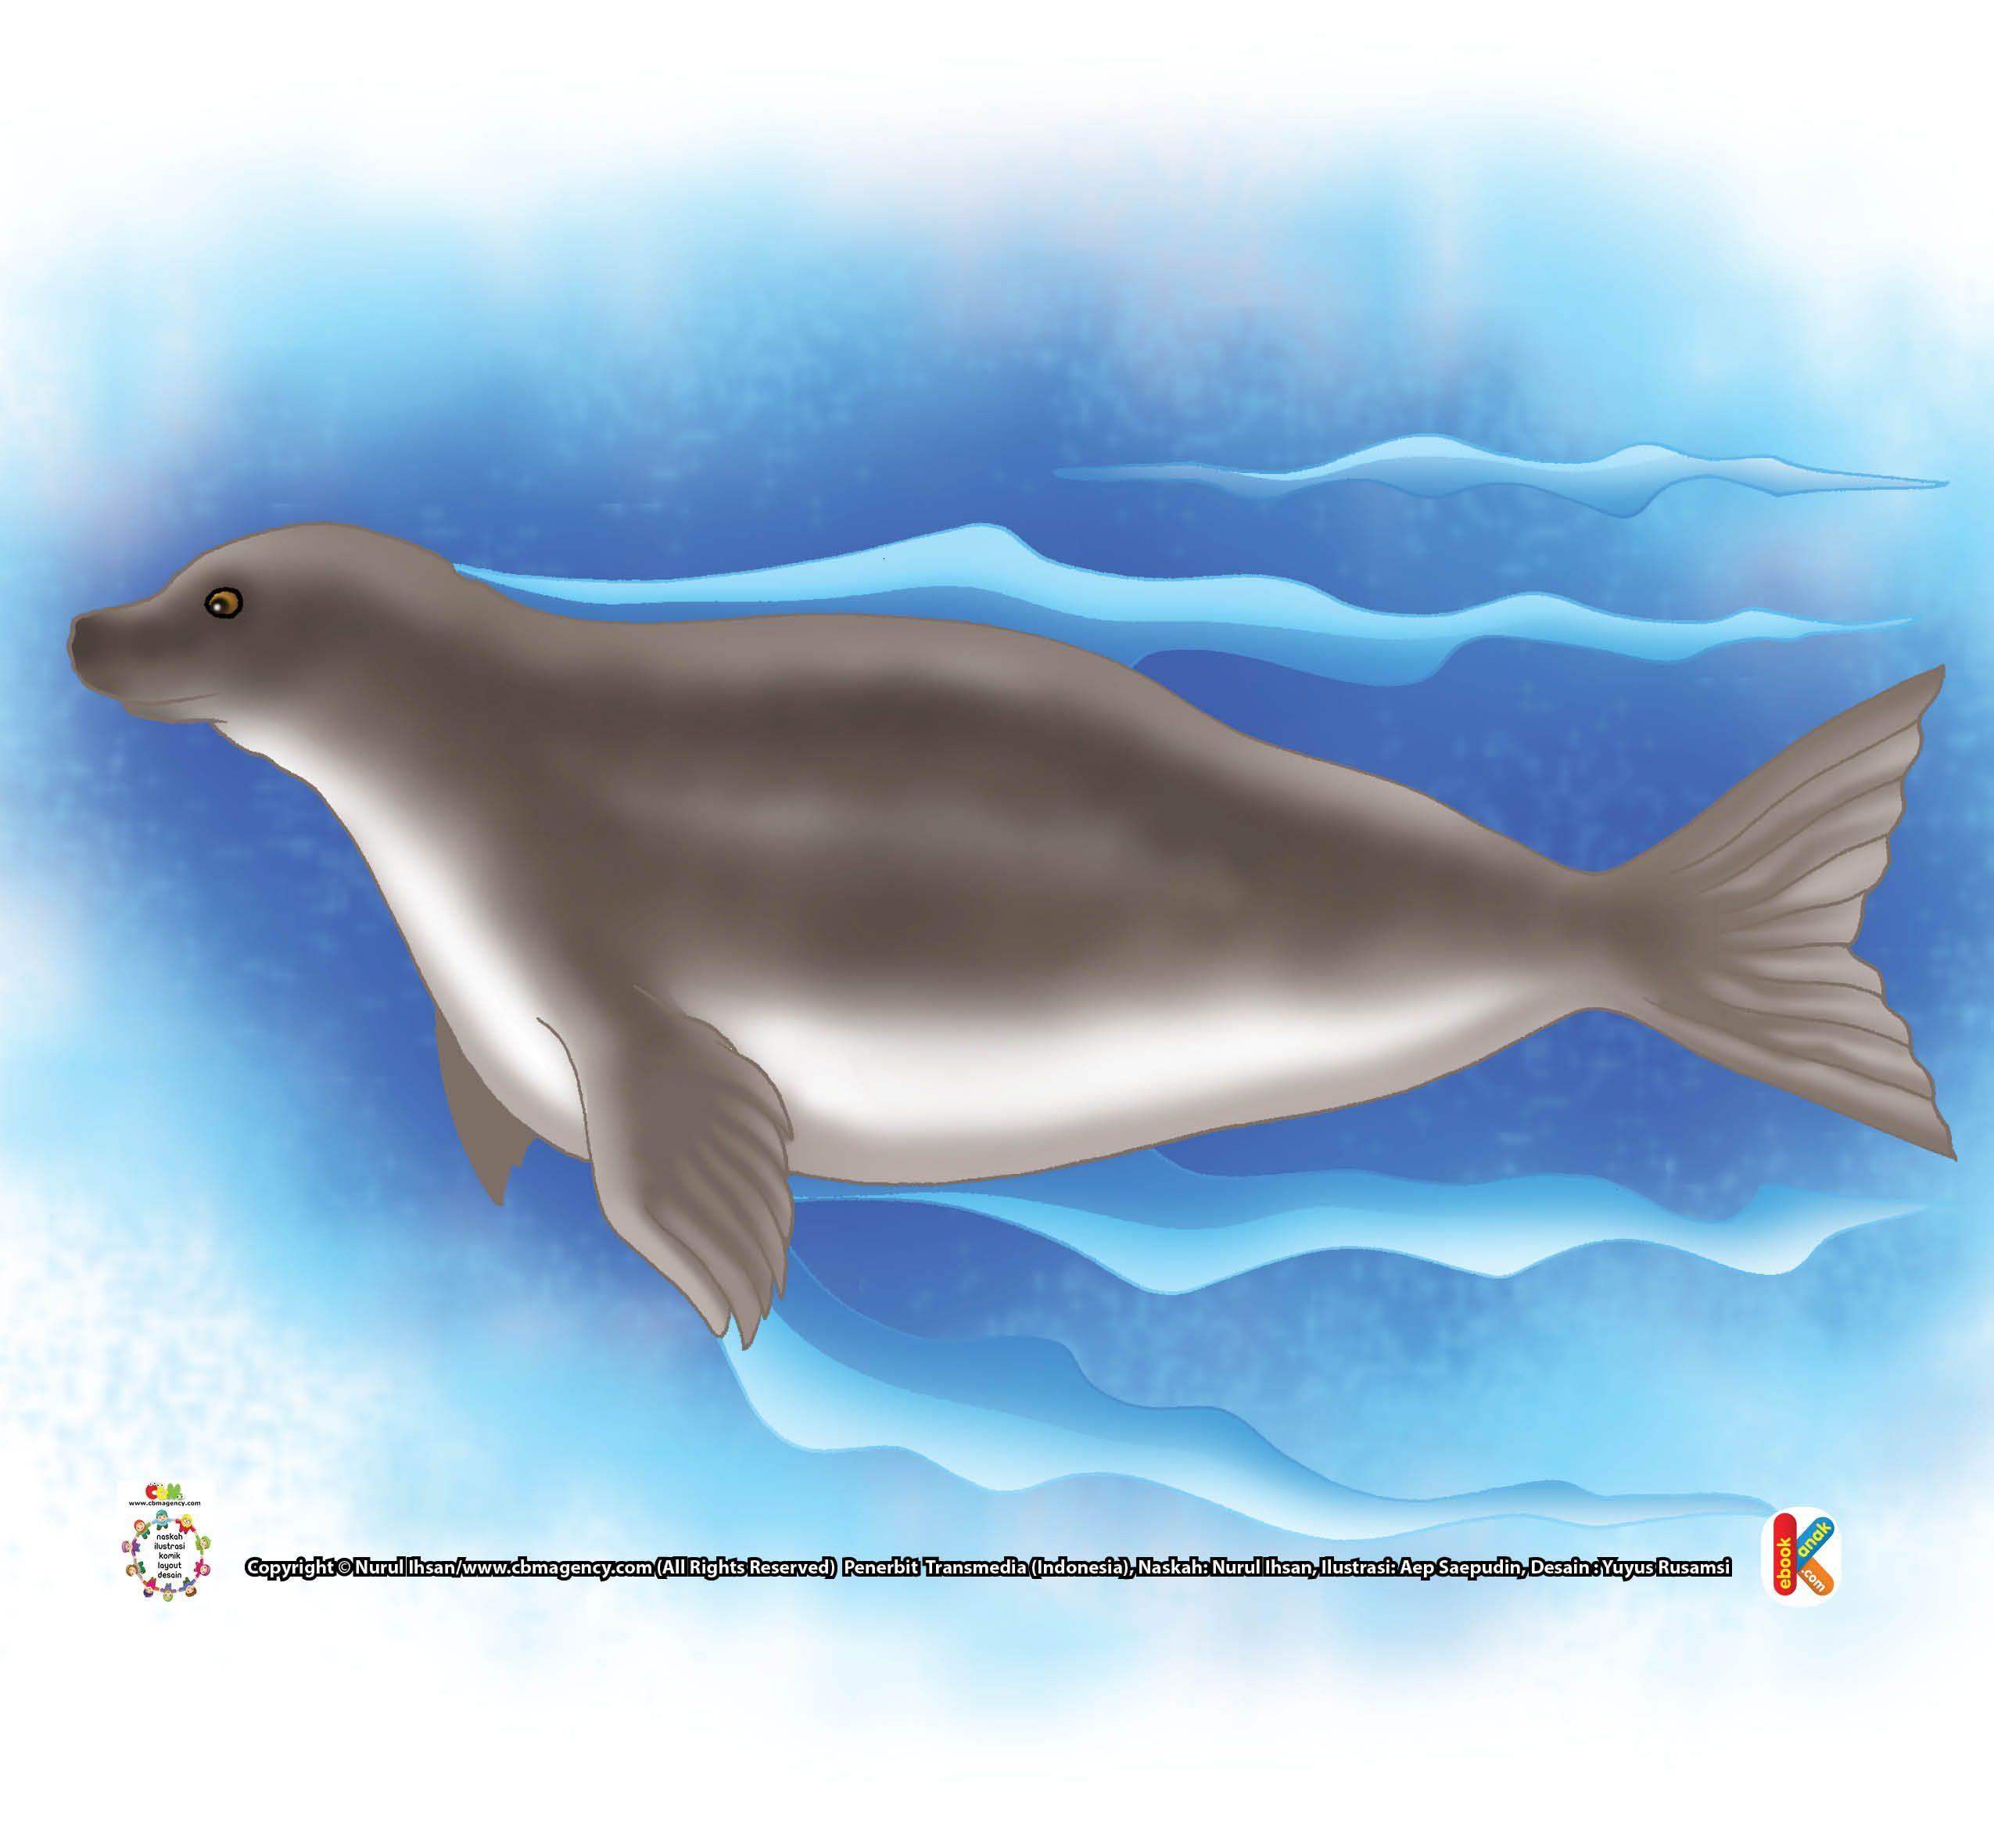 Apa Hanya Nerpa Anjing Laut Yang Hidup Di Air Tawar Anjing Laut